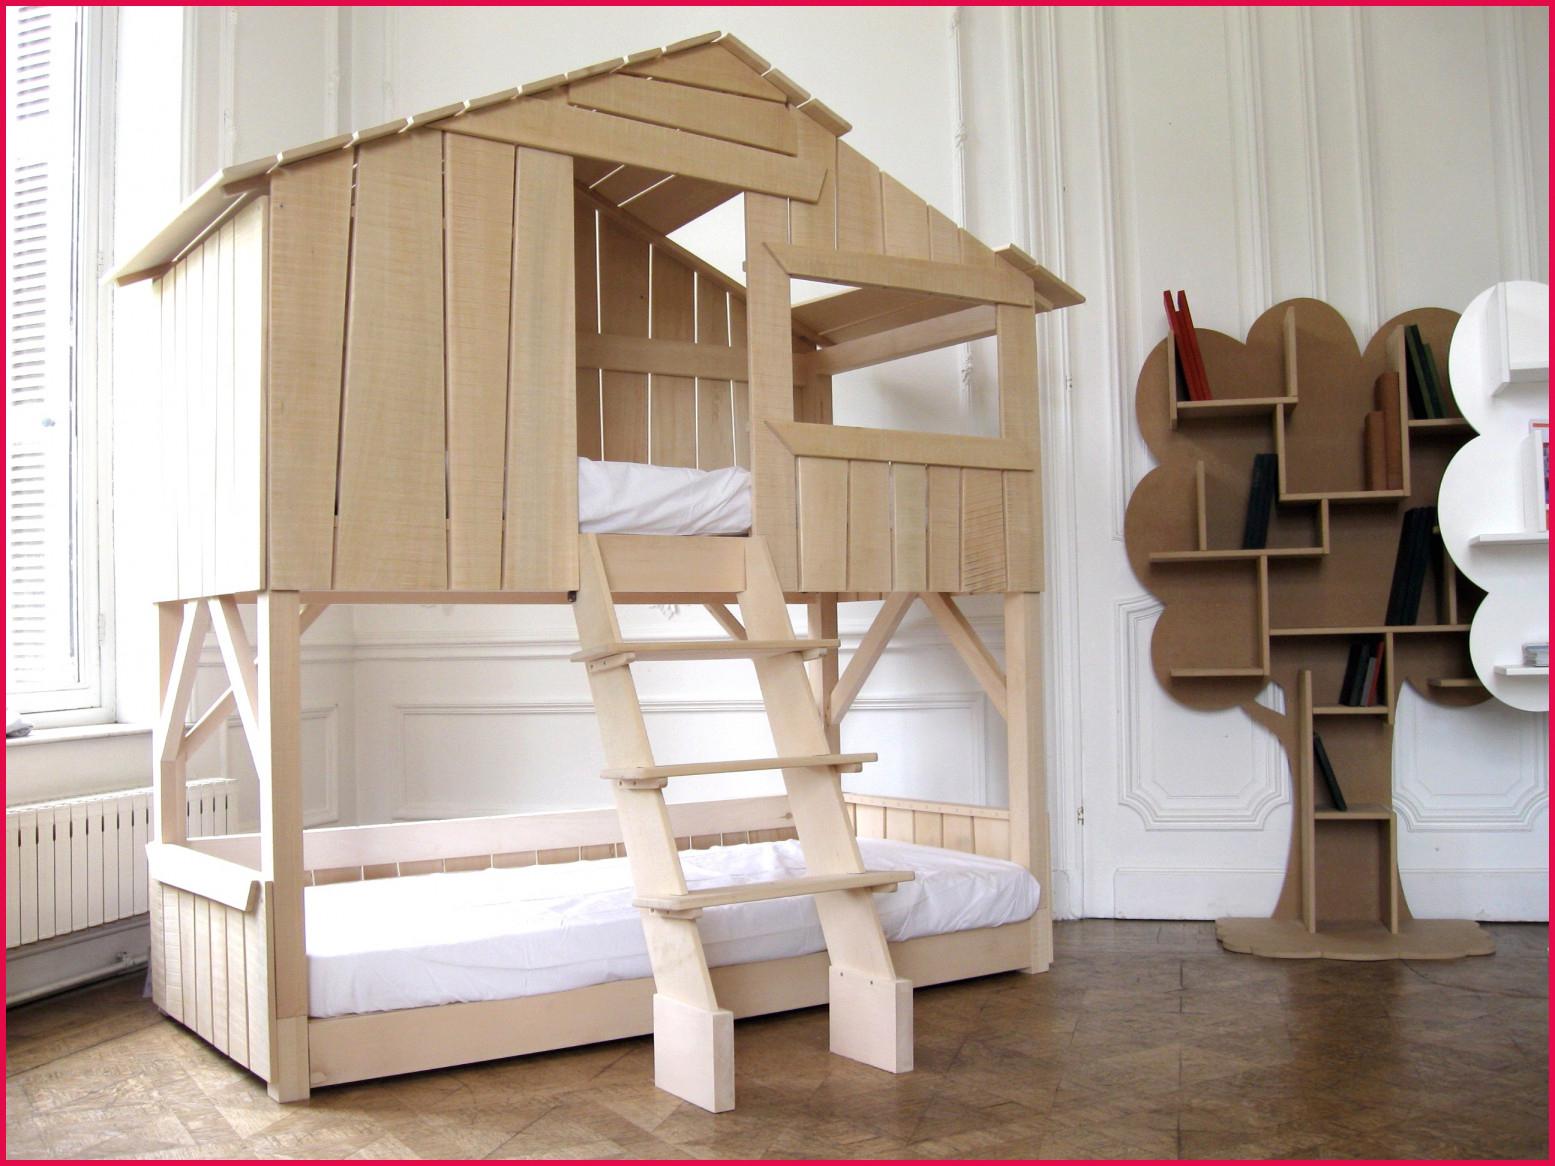 Canapé Montreal Maison Du Monde Nouveau Images Meuble Chambre Enfant 22 Pas Cher Sdgd2